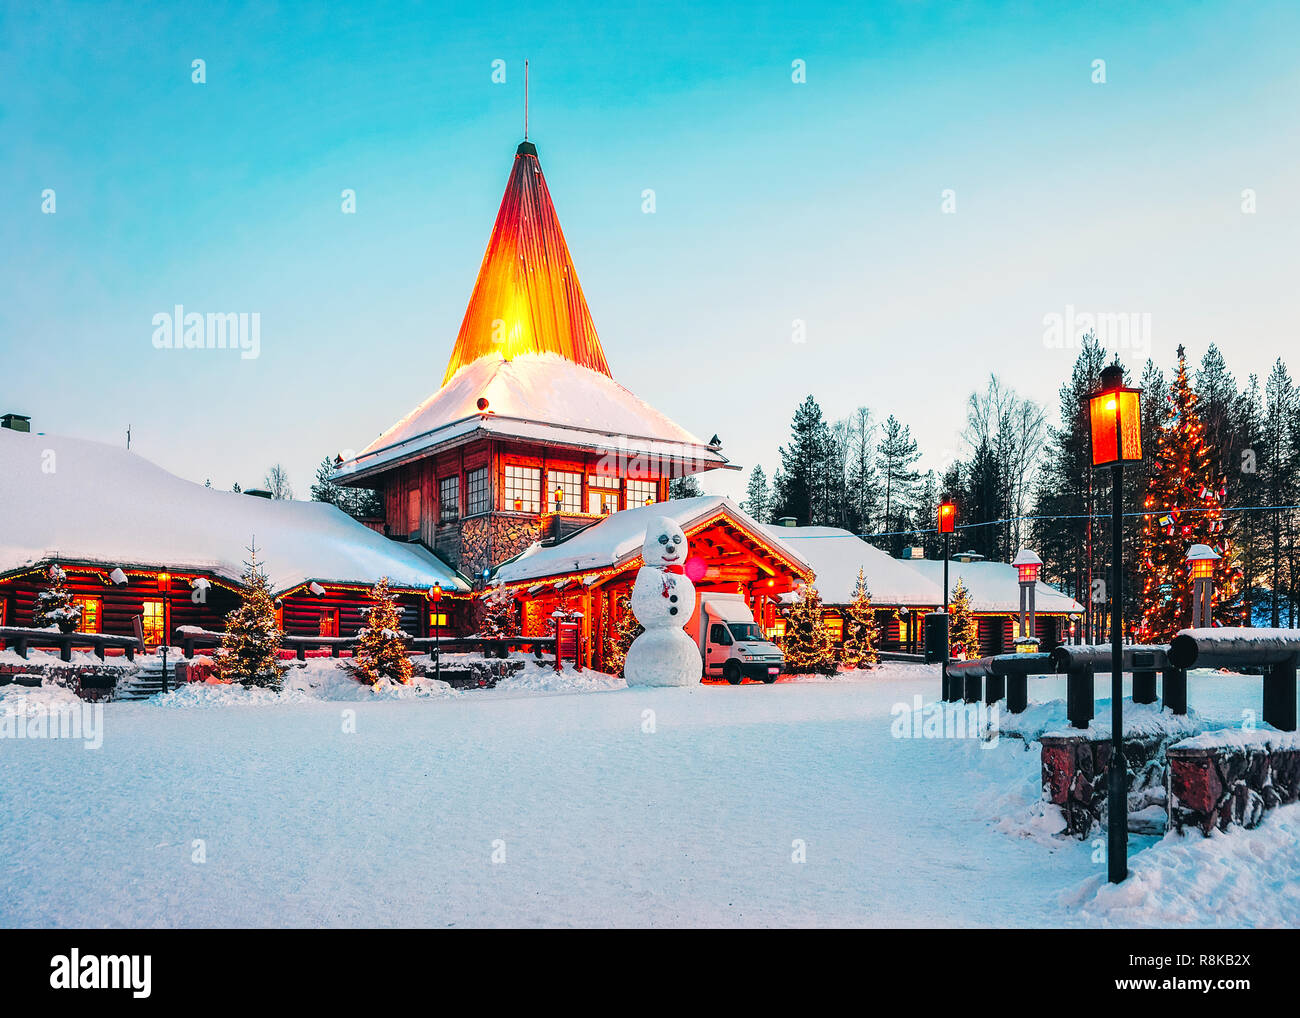 Immagini Del Villaggio Di Babbo Natale.Pupazzo Di Neve A Santa Ufficio Del Villaggio Di Babbo